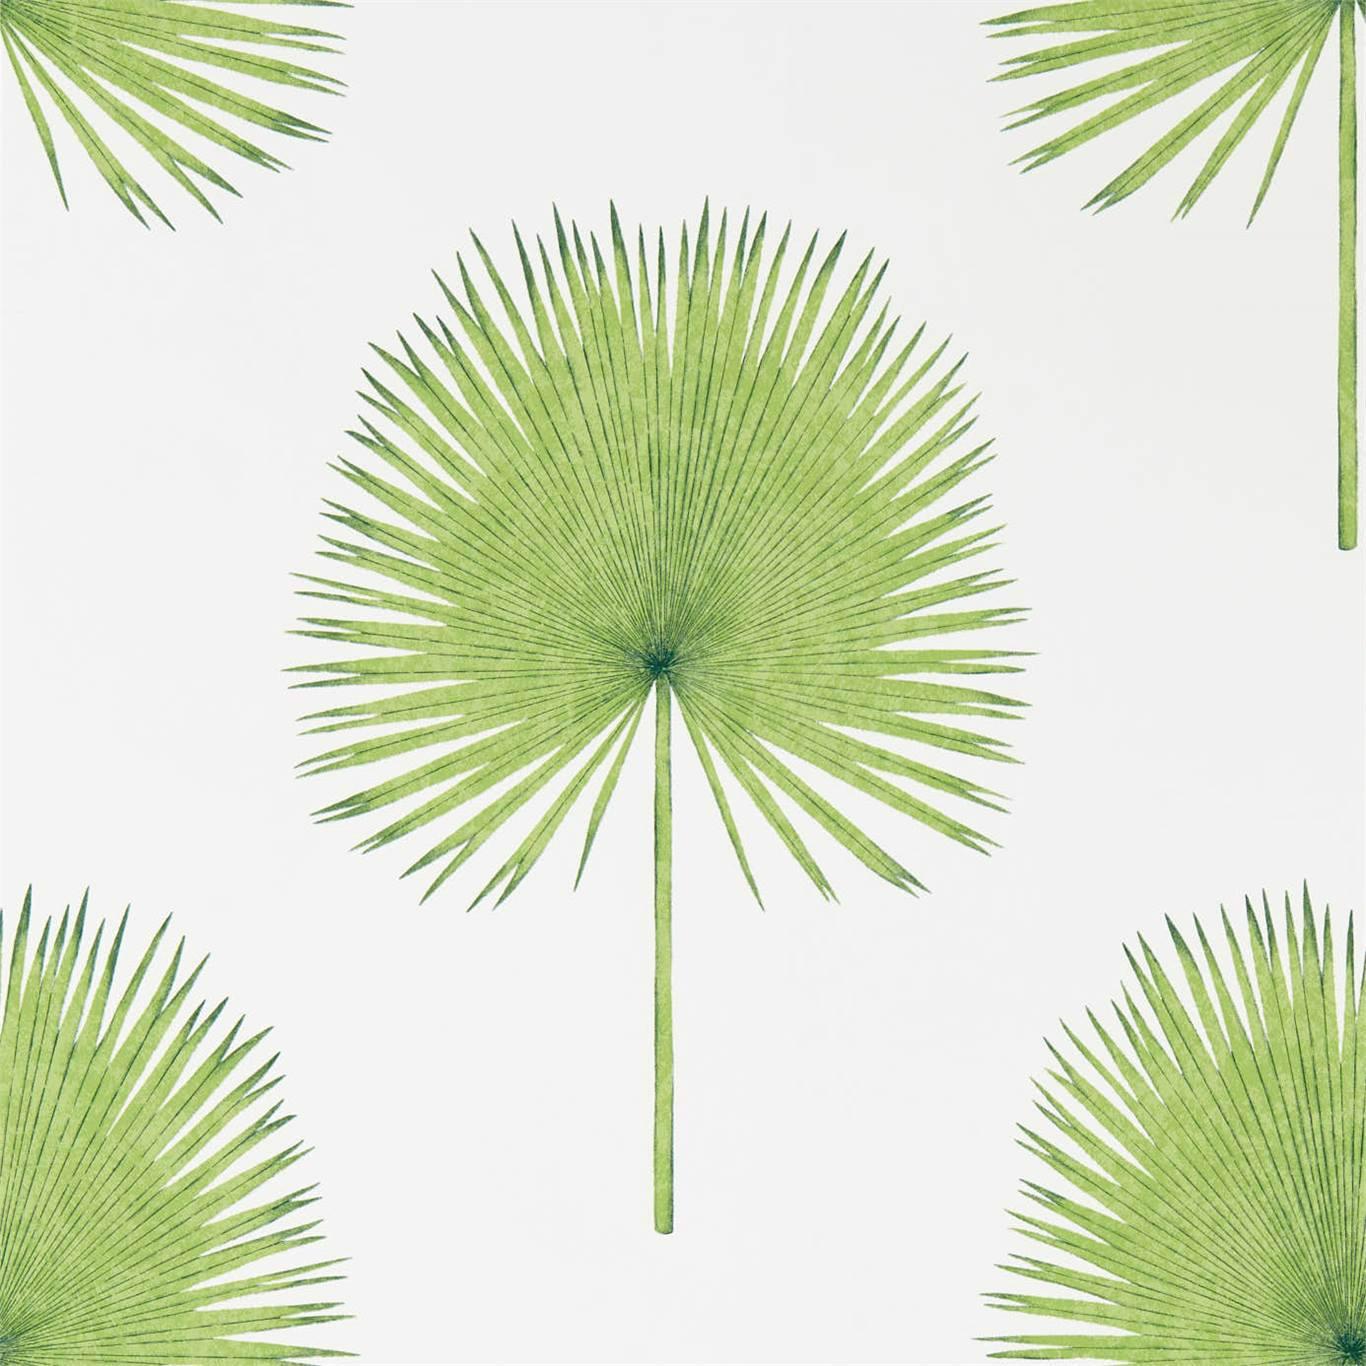 Fan Palm by SAN